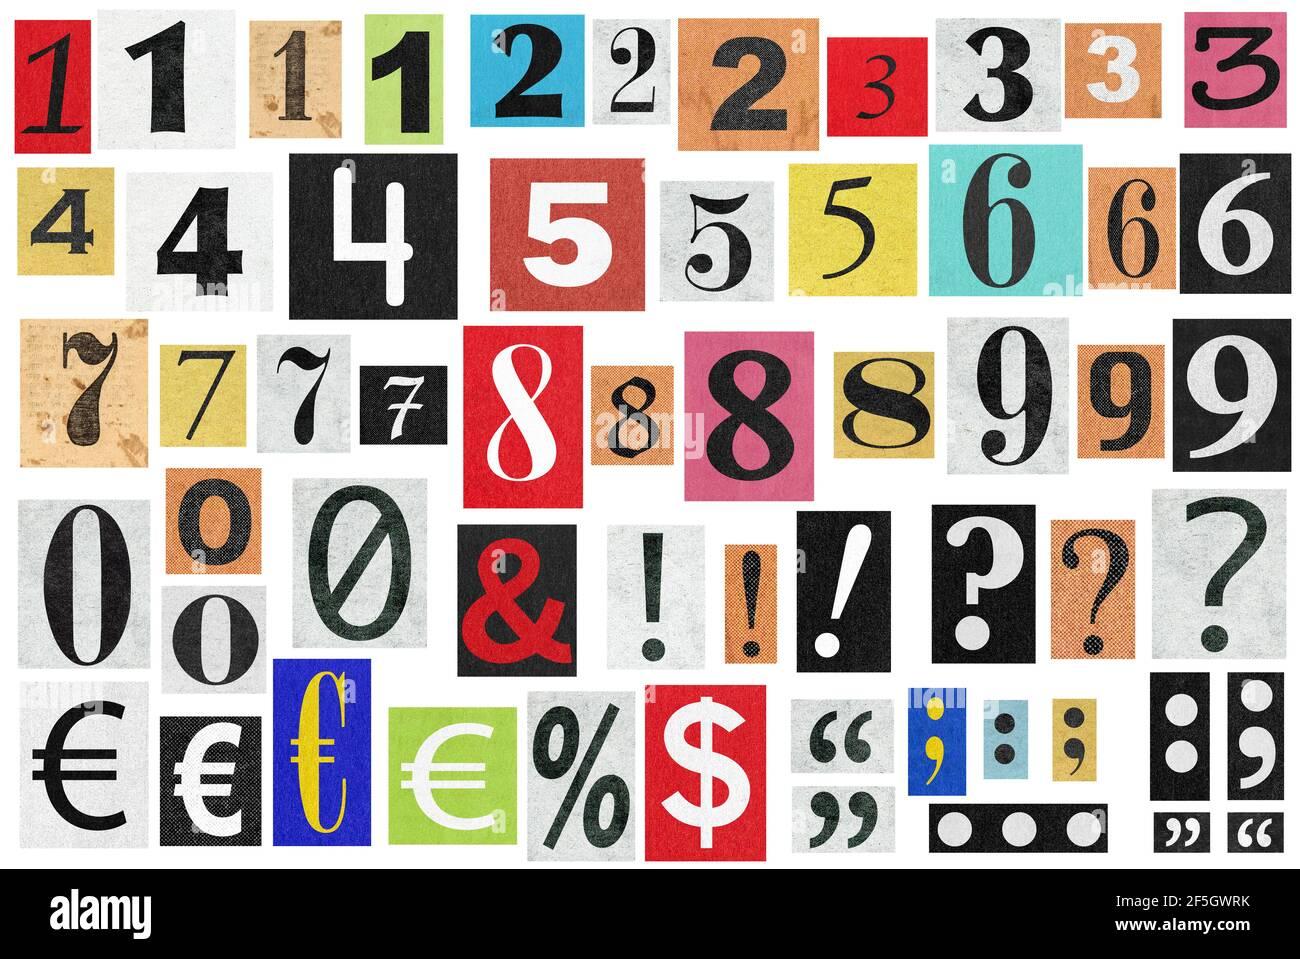 Notes de rançon. Les chiffres et les lettres coupés en papier. Découpes de vieux journaux Banque D'Images